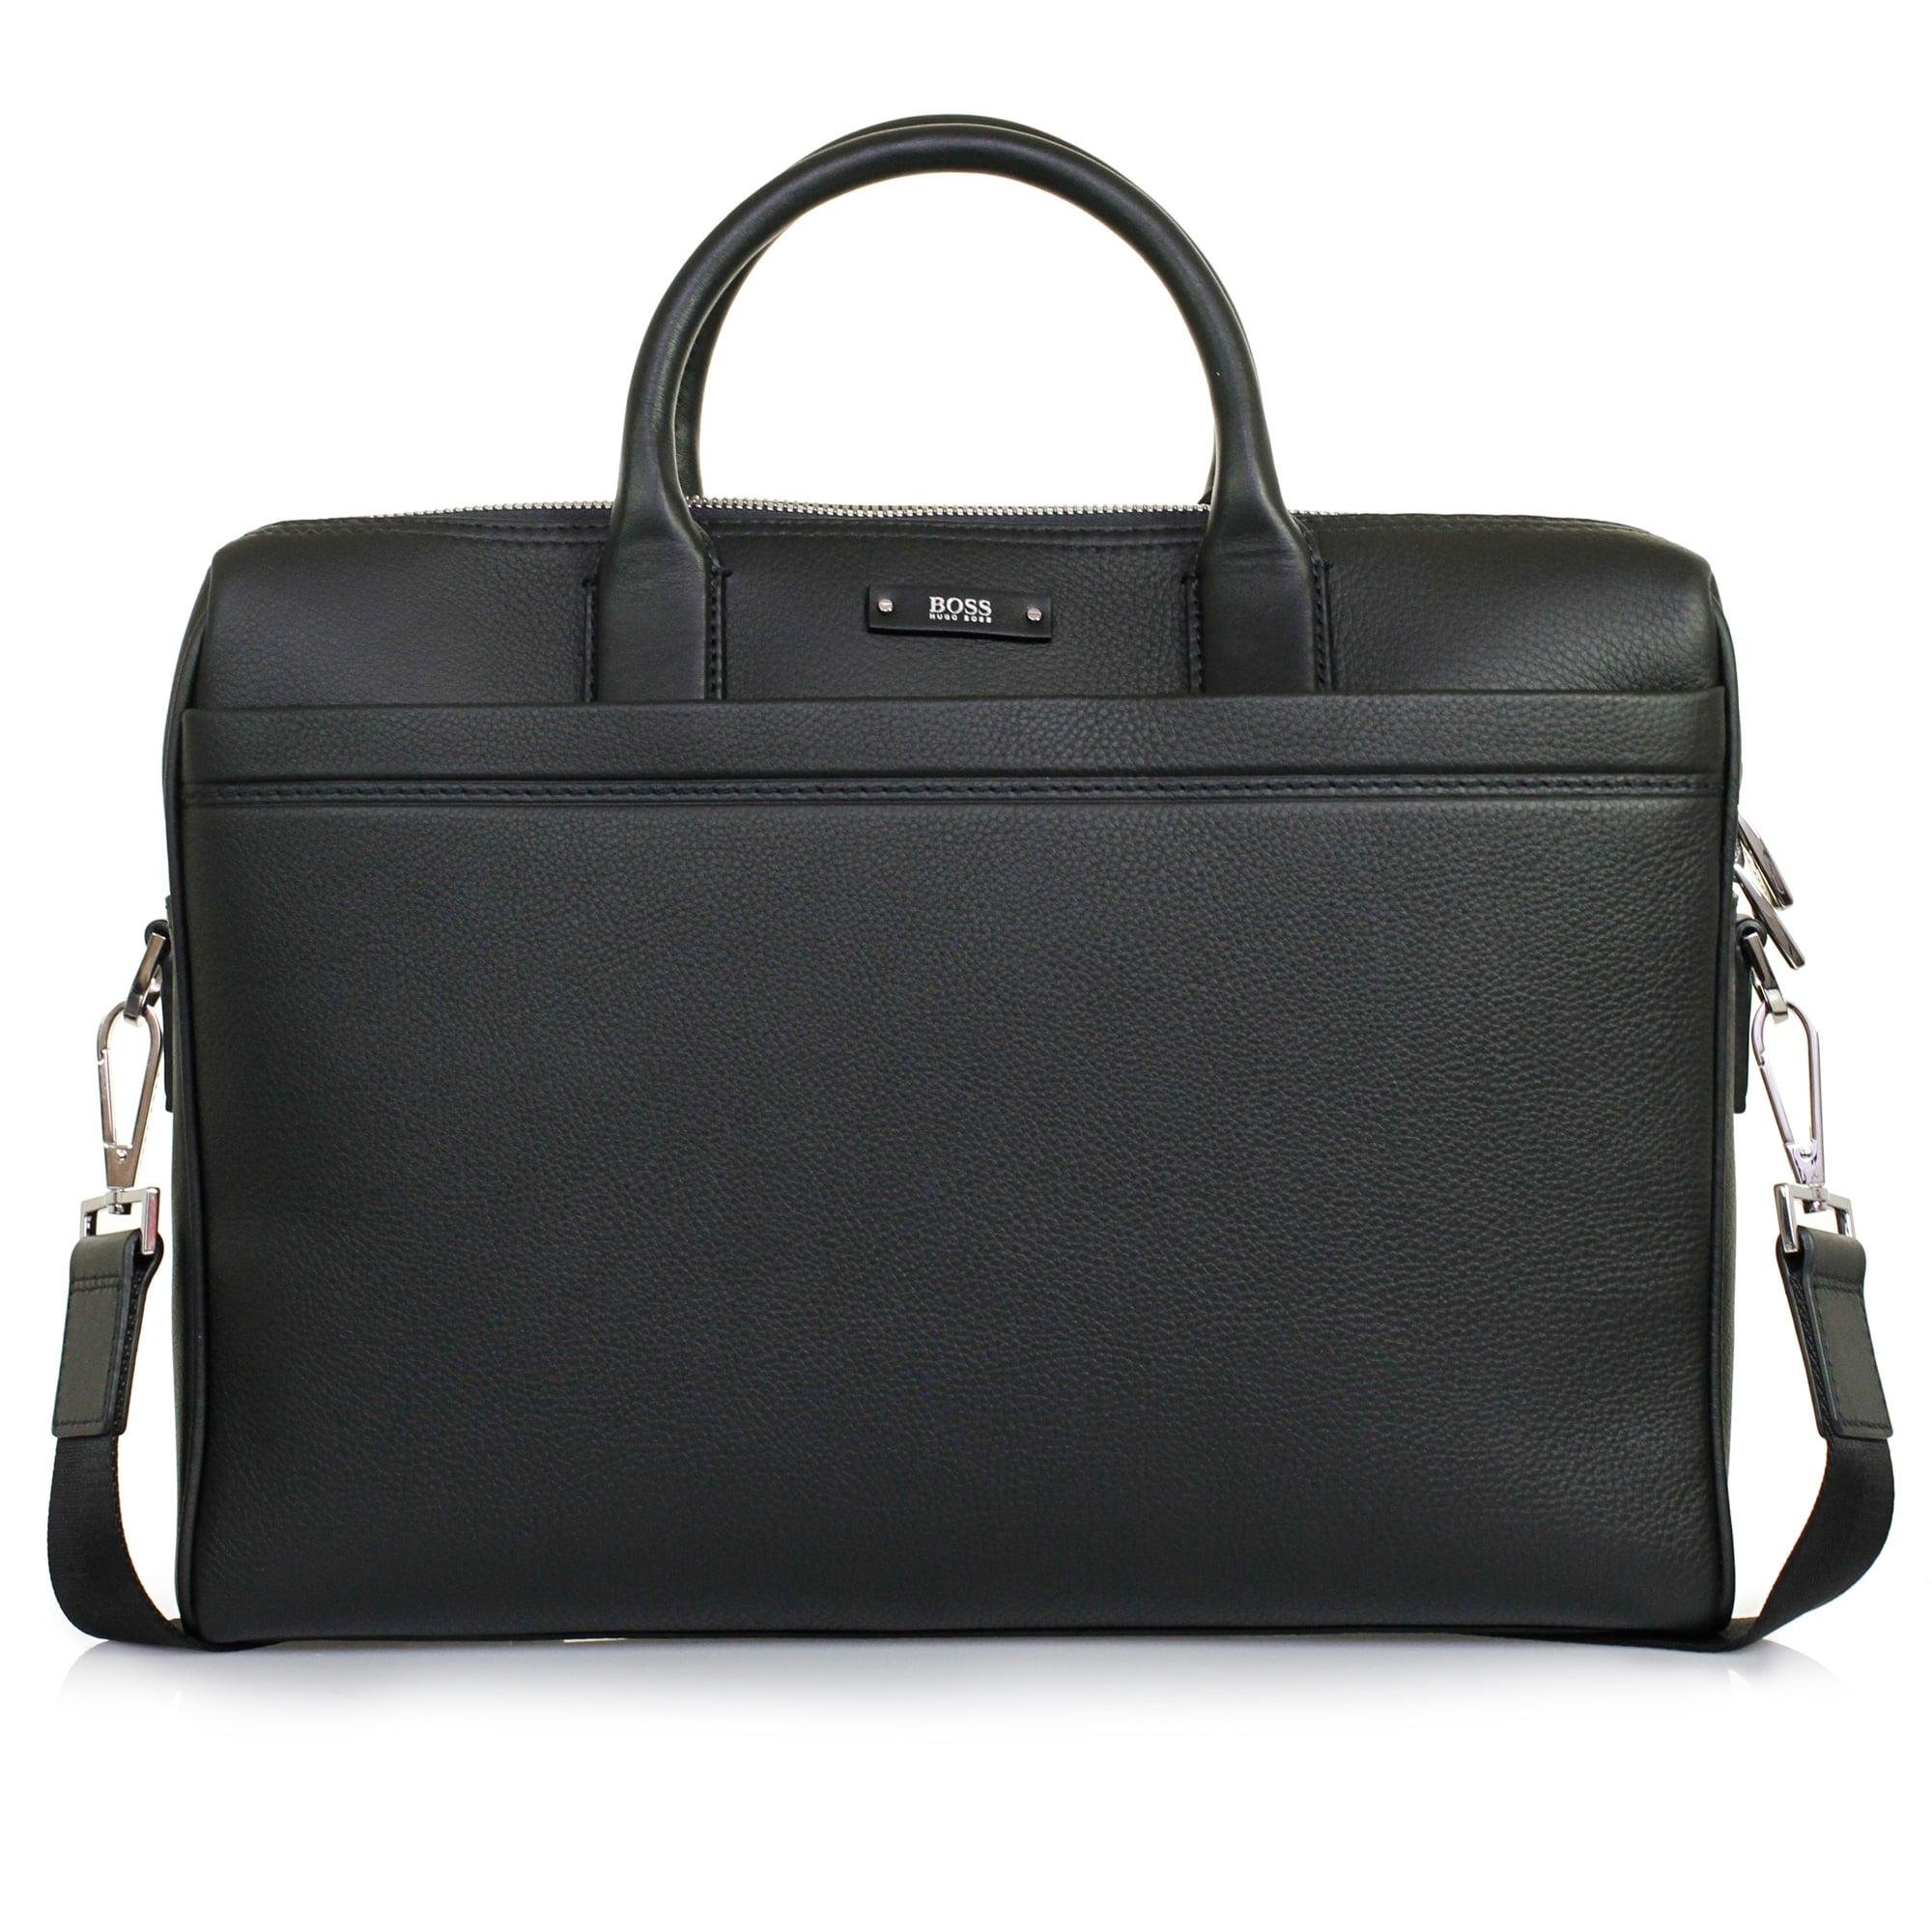 a63c901dfdcf BOSS Hugo Boss Traveller_S Doc Black Leather Laptop Bag 50311773